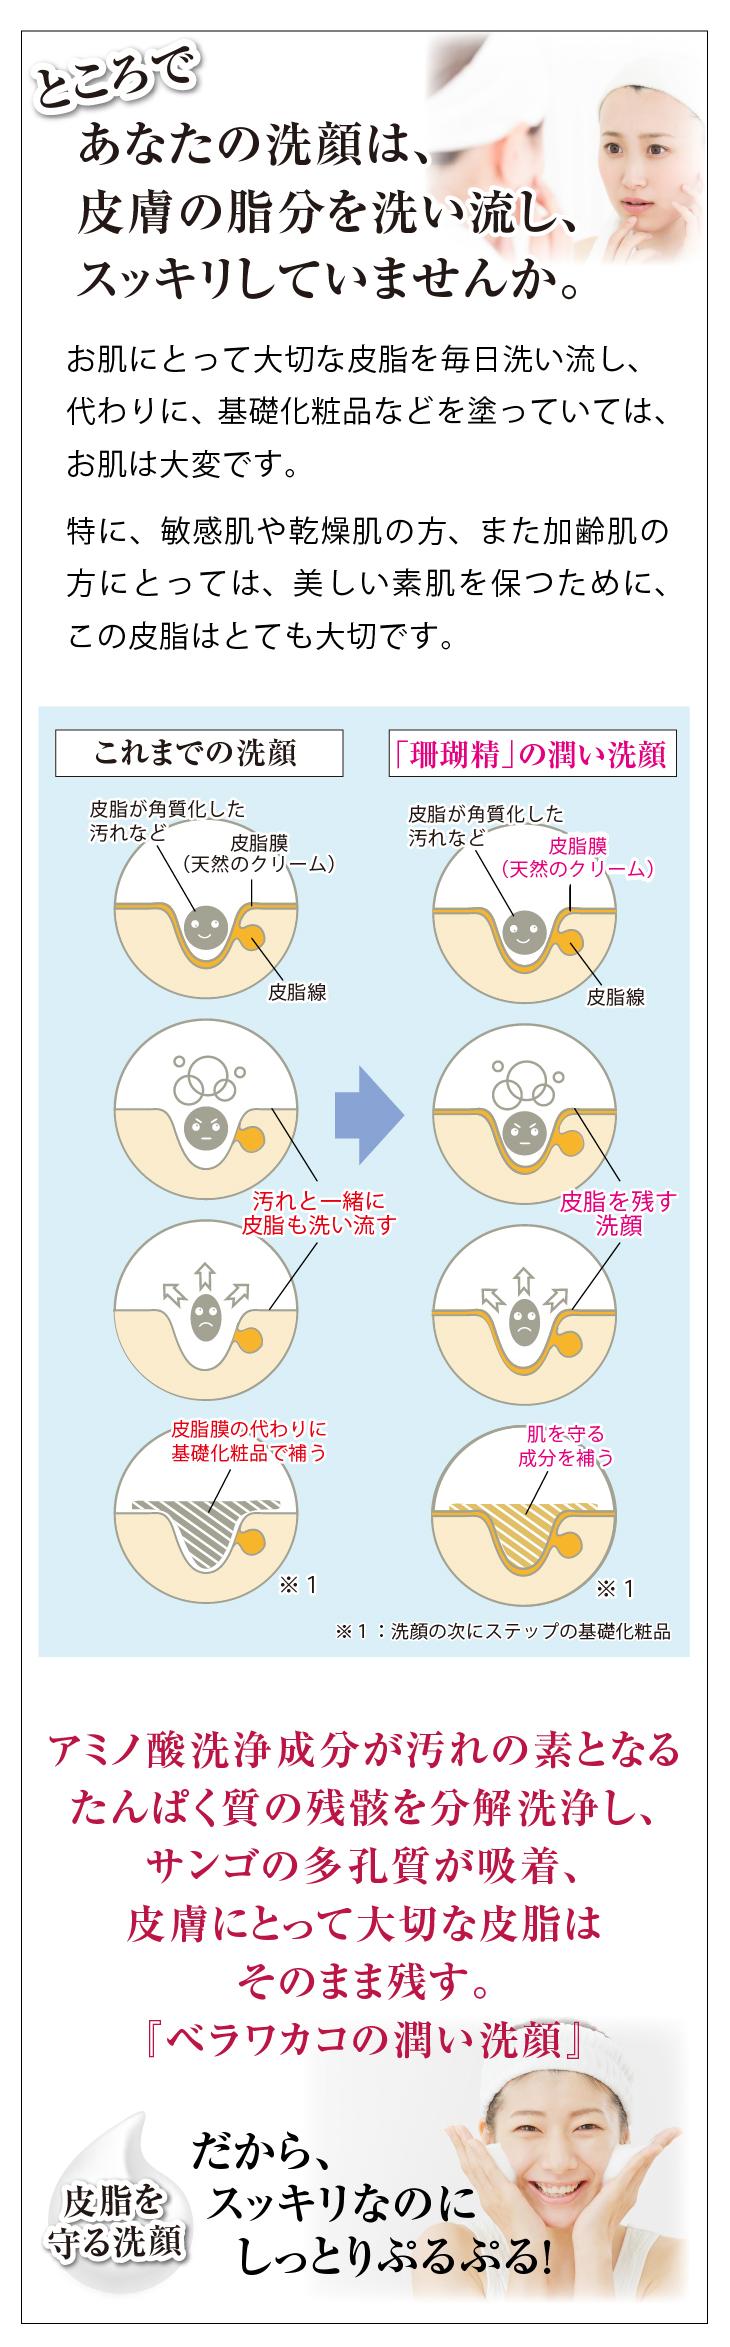 無添加化粧品のパウダー洗顔珊瑚精の新しい洗顔法 スマホ用